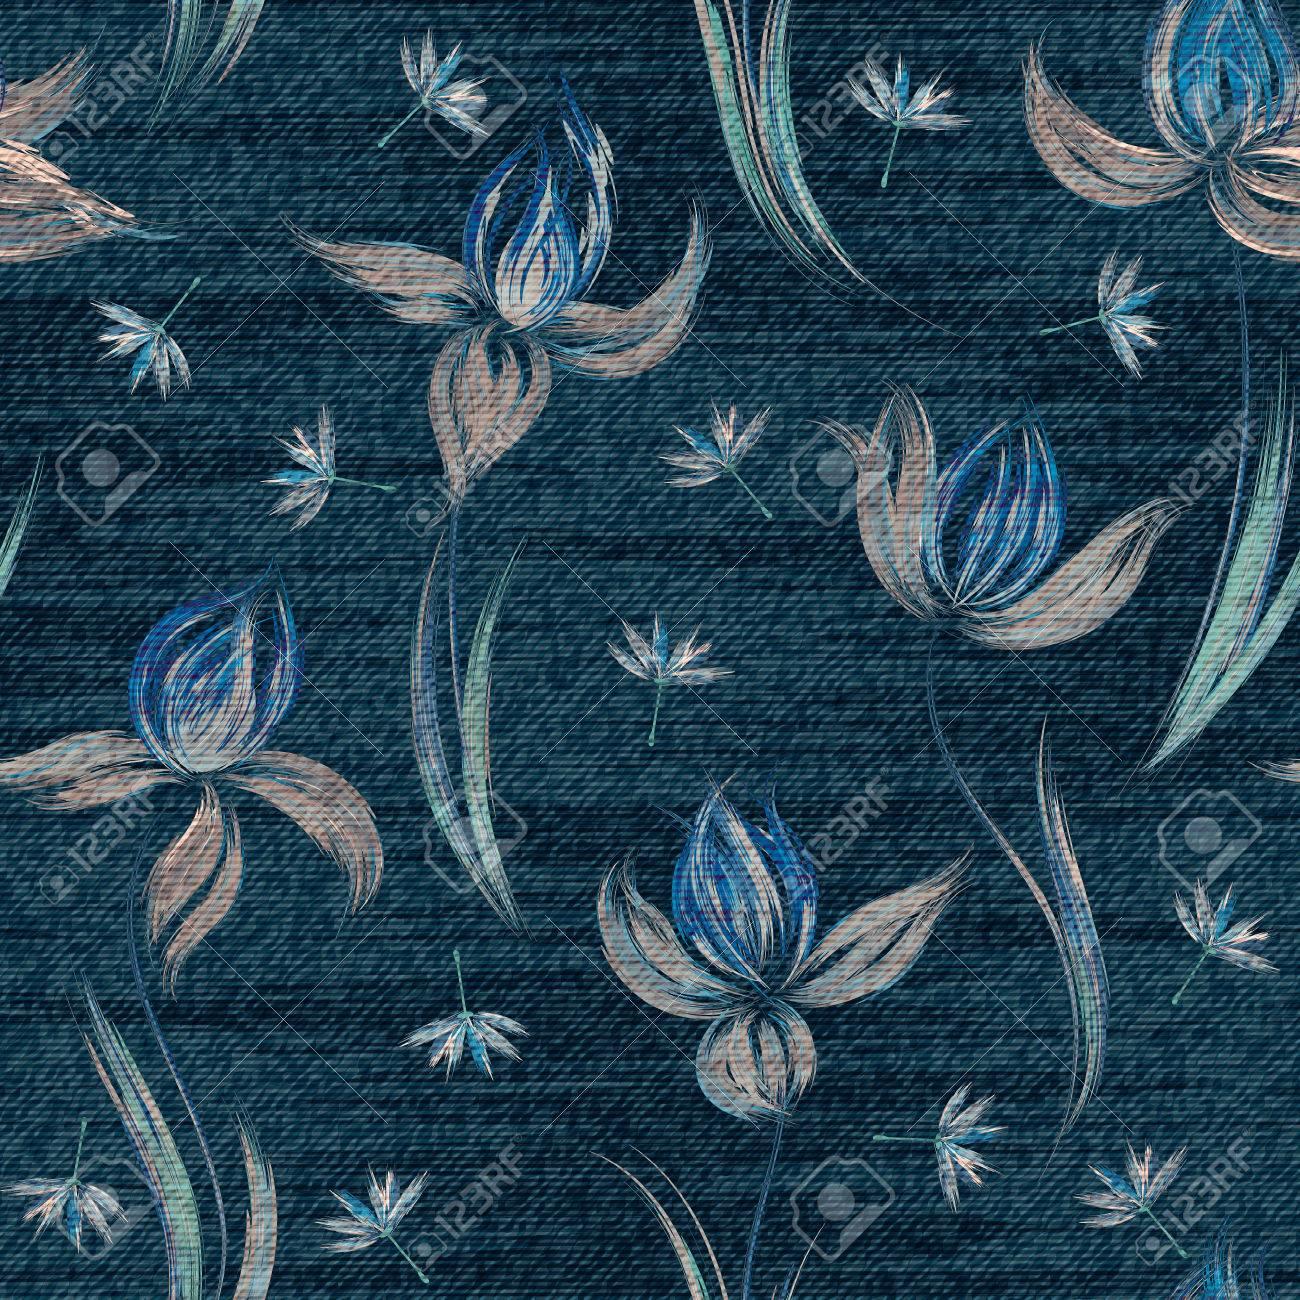 カラフルな花柄とブルーのデニム シームレスな壁紙 のイラスト素材